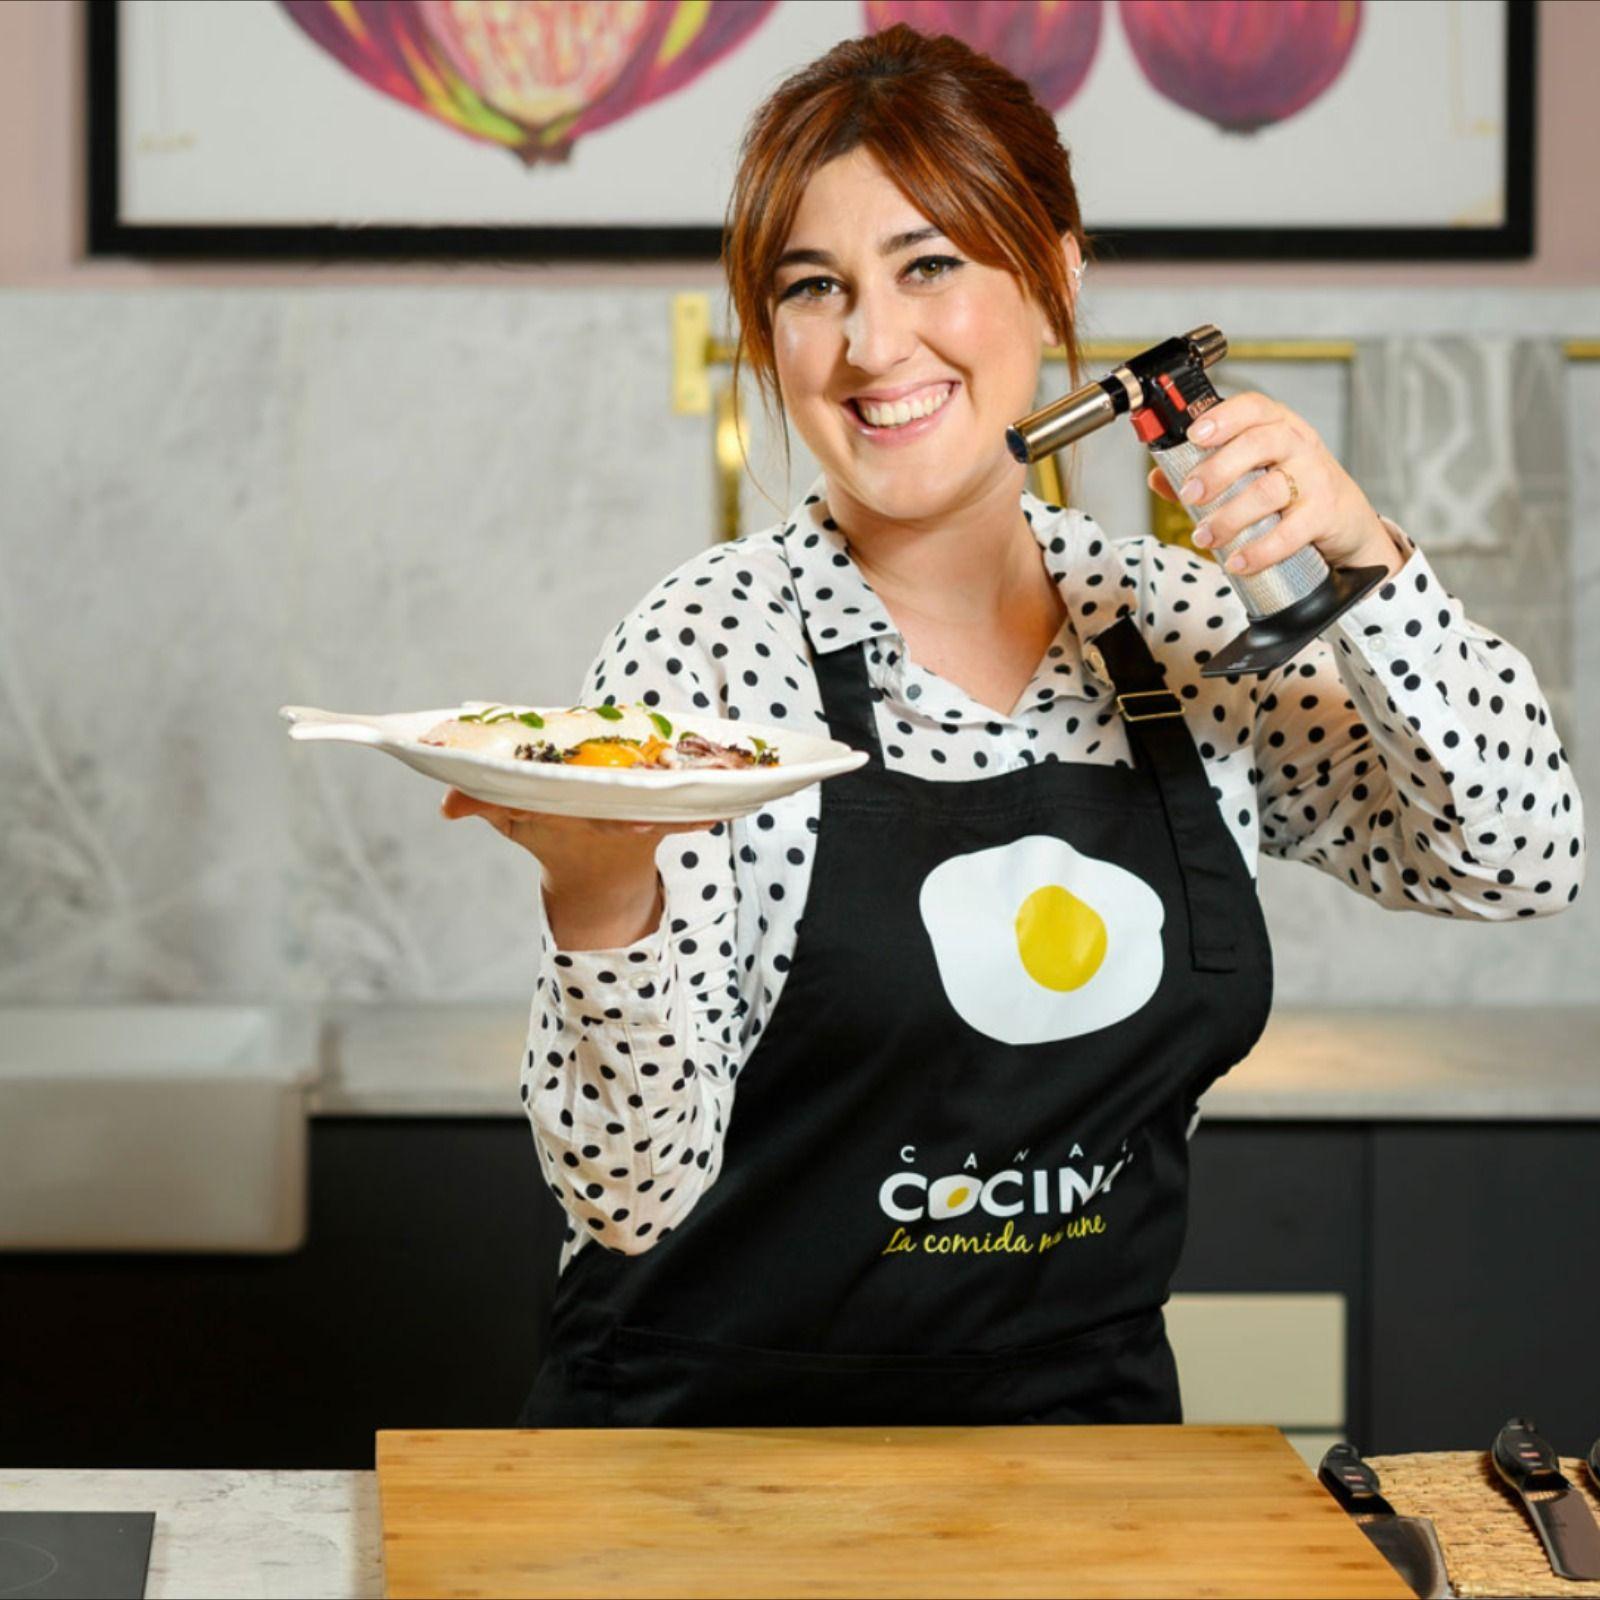 6643fad983c932351215522a8814067b - Cocinando Recetas